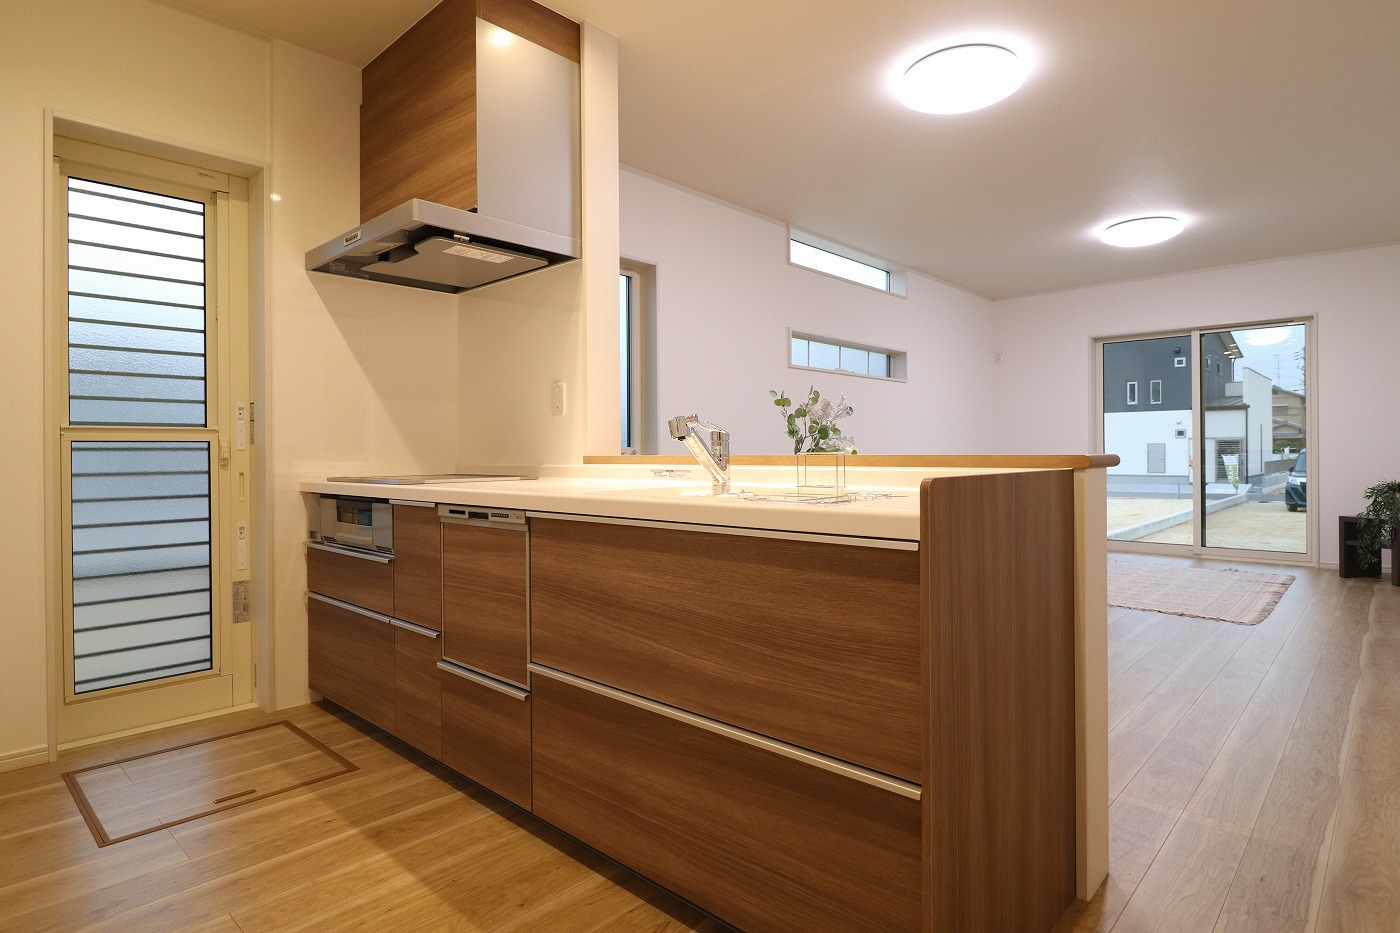 高松市木太町の新築建売住宅のキッチン